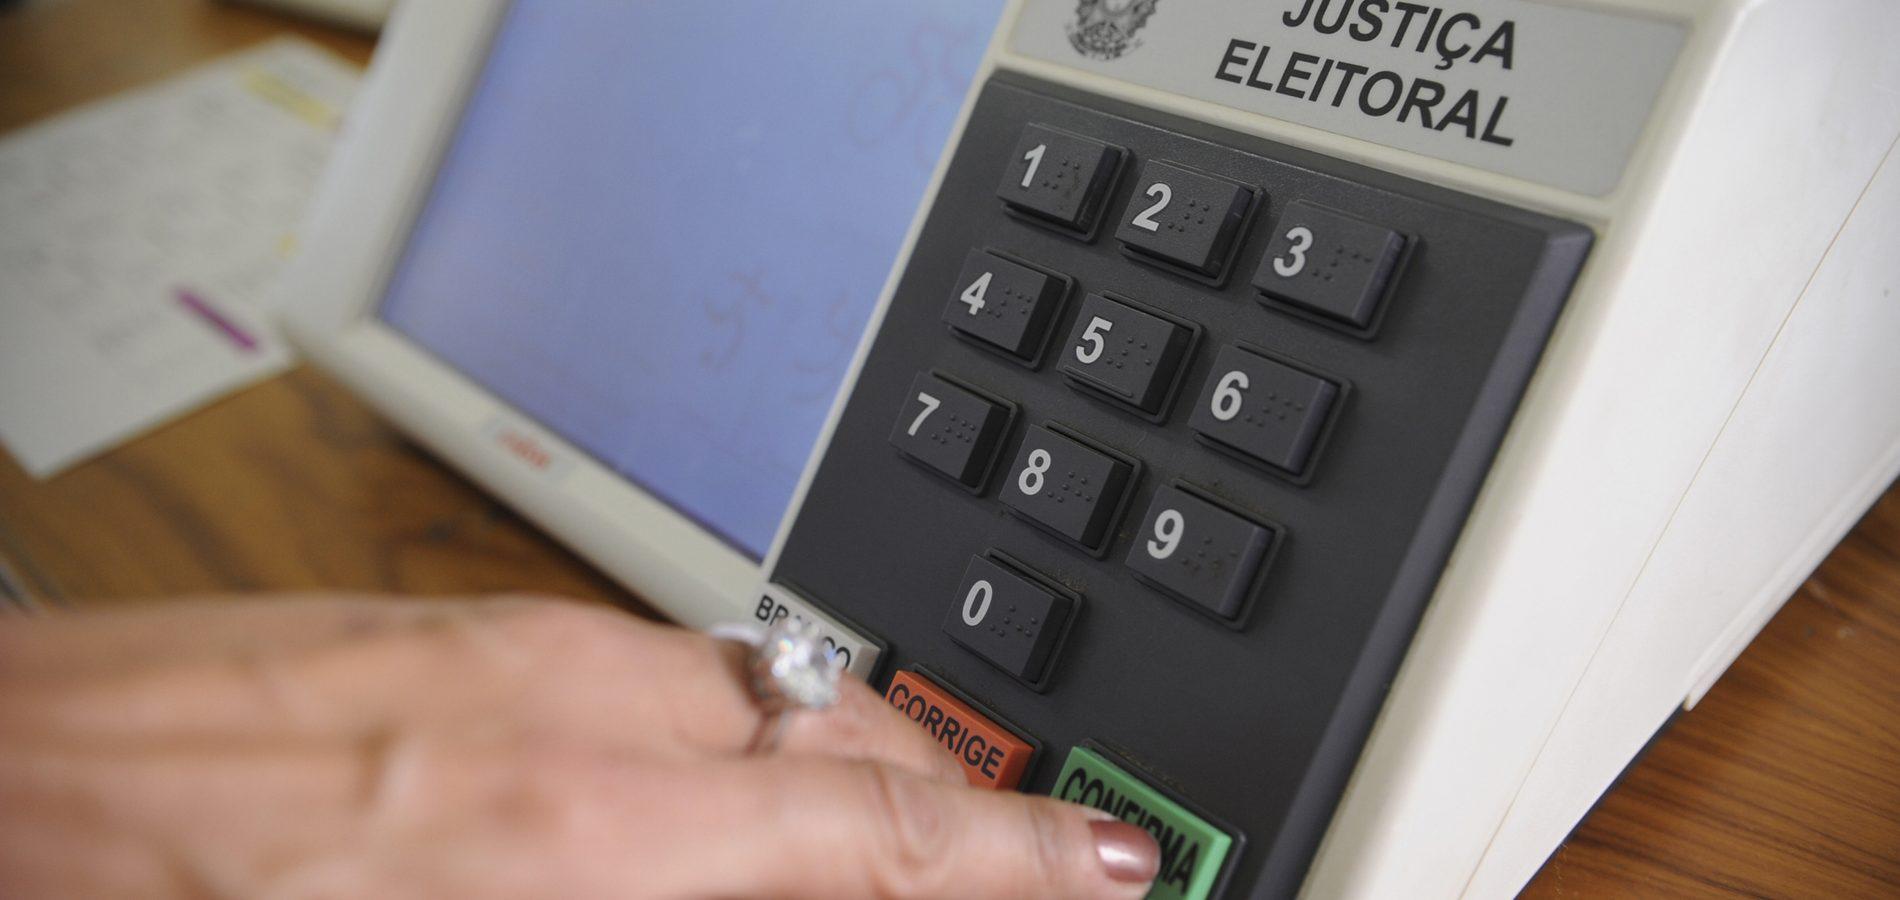 Redução de zonas pode incentivar transporte ilegal de eleitores, alerta promotor do Piauí